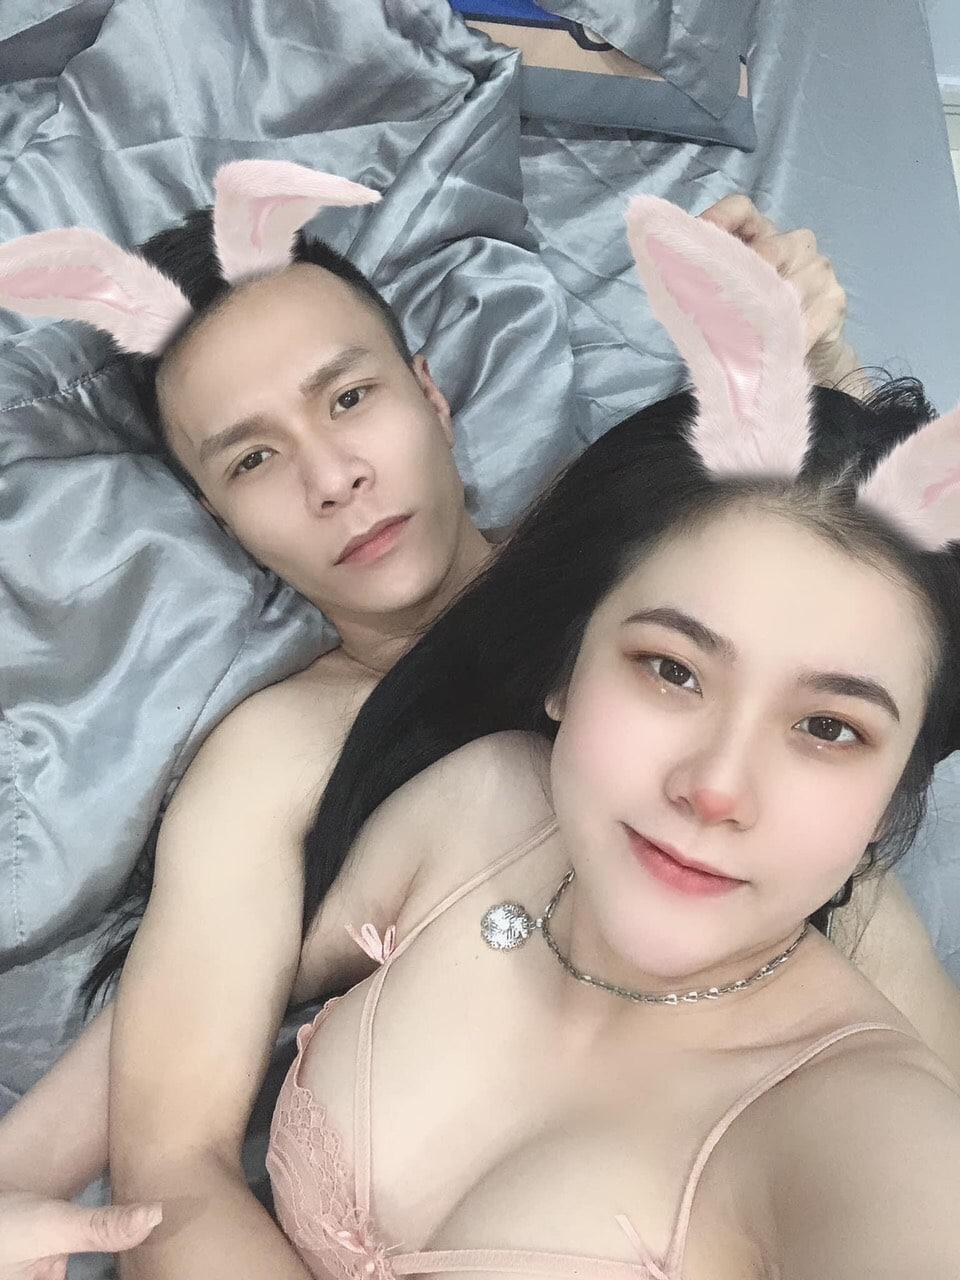 [Có Link] ✅ Clip nóng - hot girl DJ RoSy- Nguyễn Thị Mỹ Duyên 1